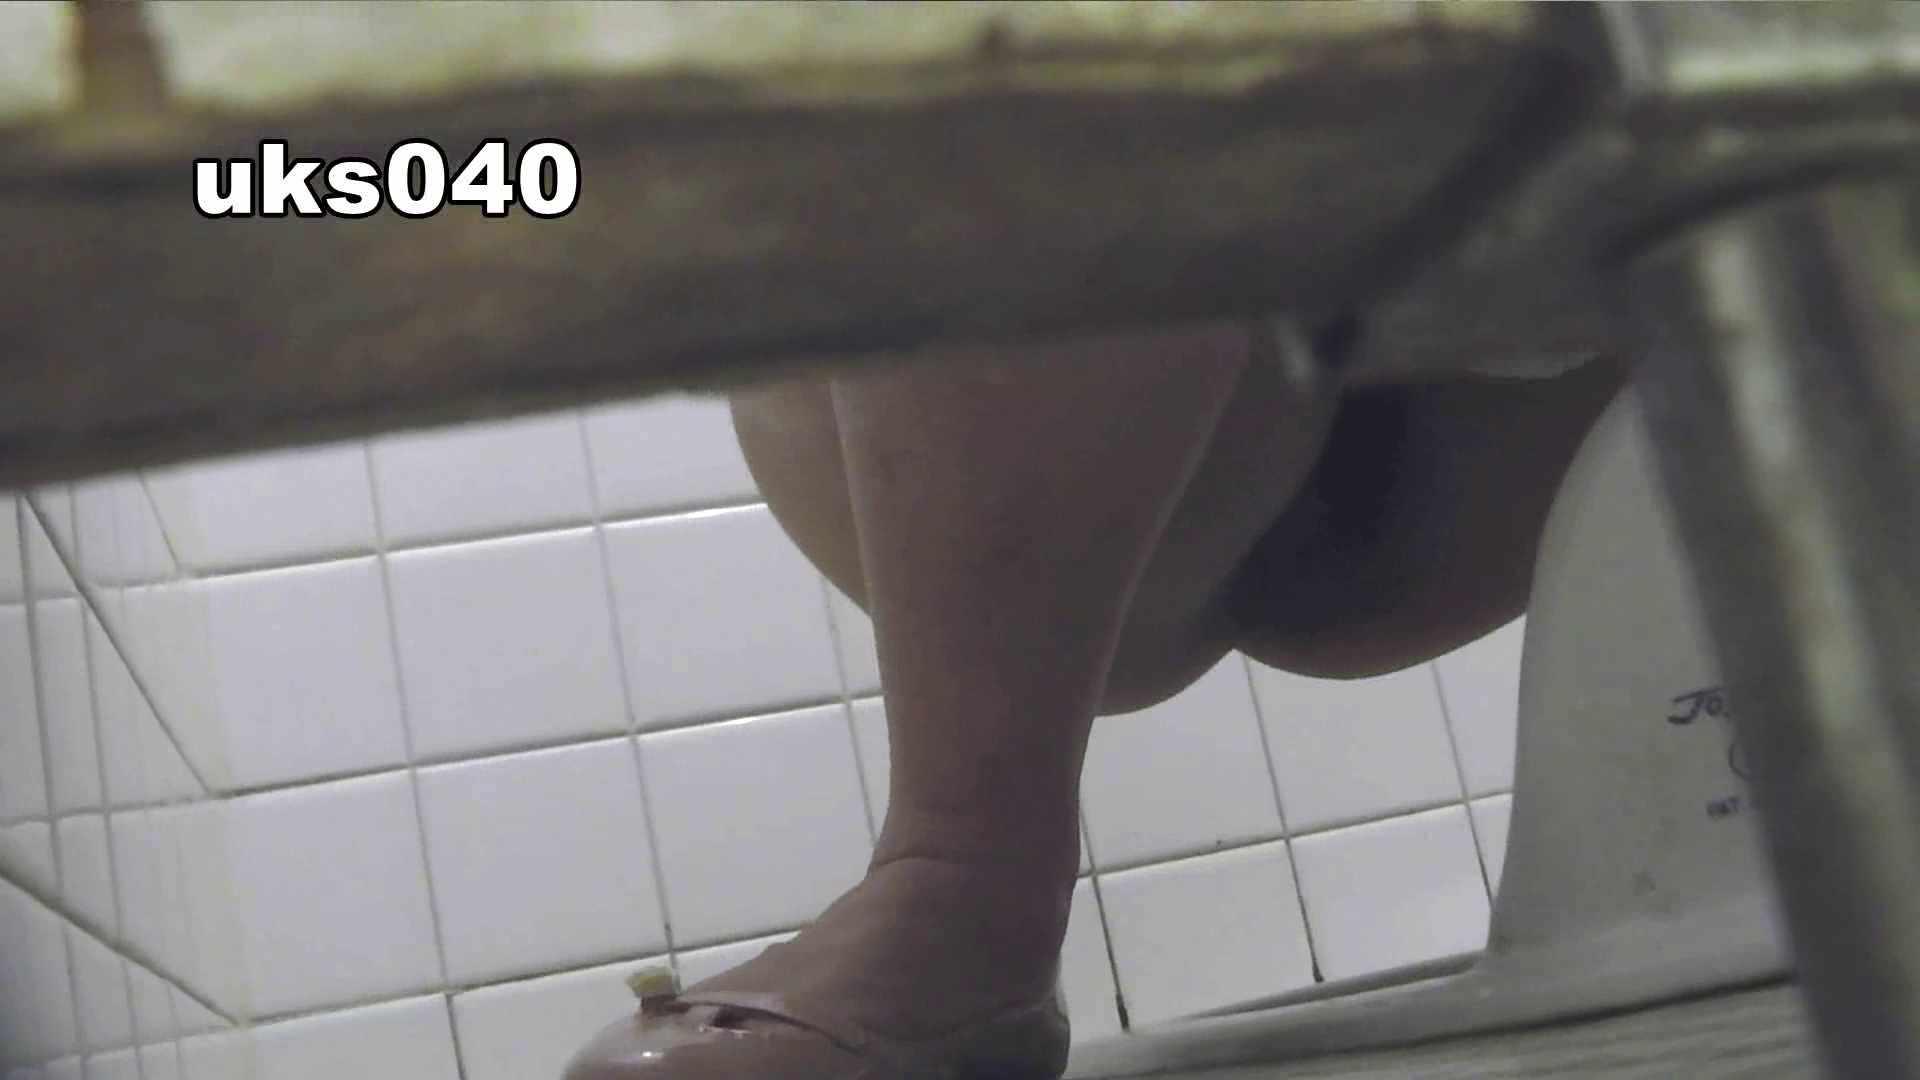 【美しき個室な世界】 vol.040 出て行かれる時の清楚姿撮り 高画質  88PIX 75